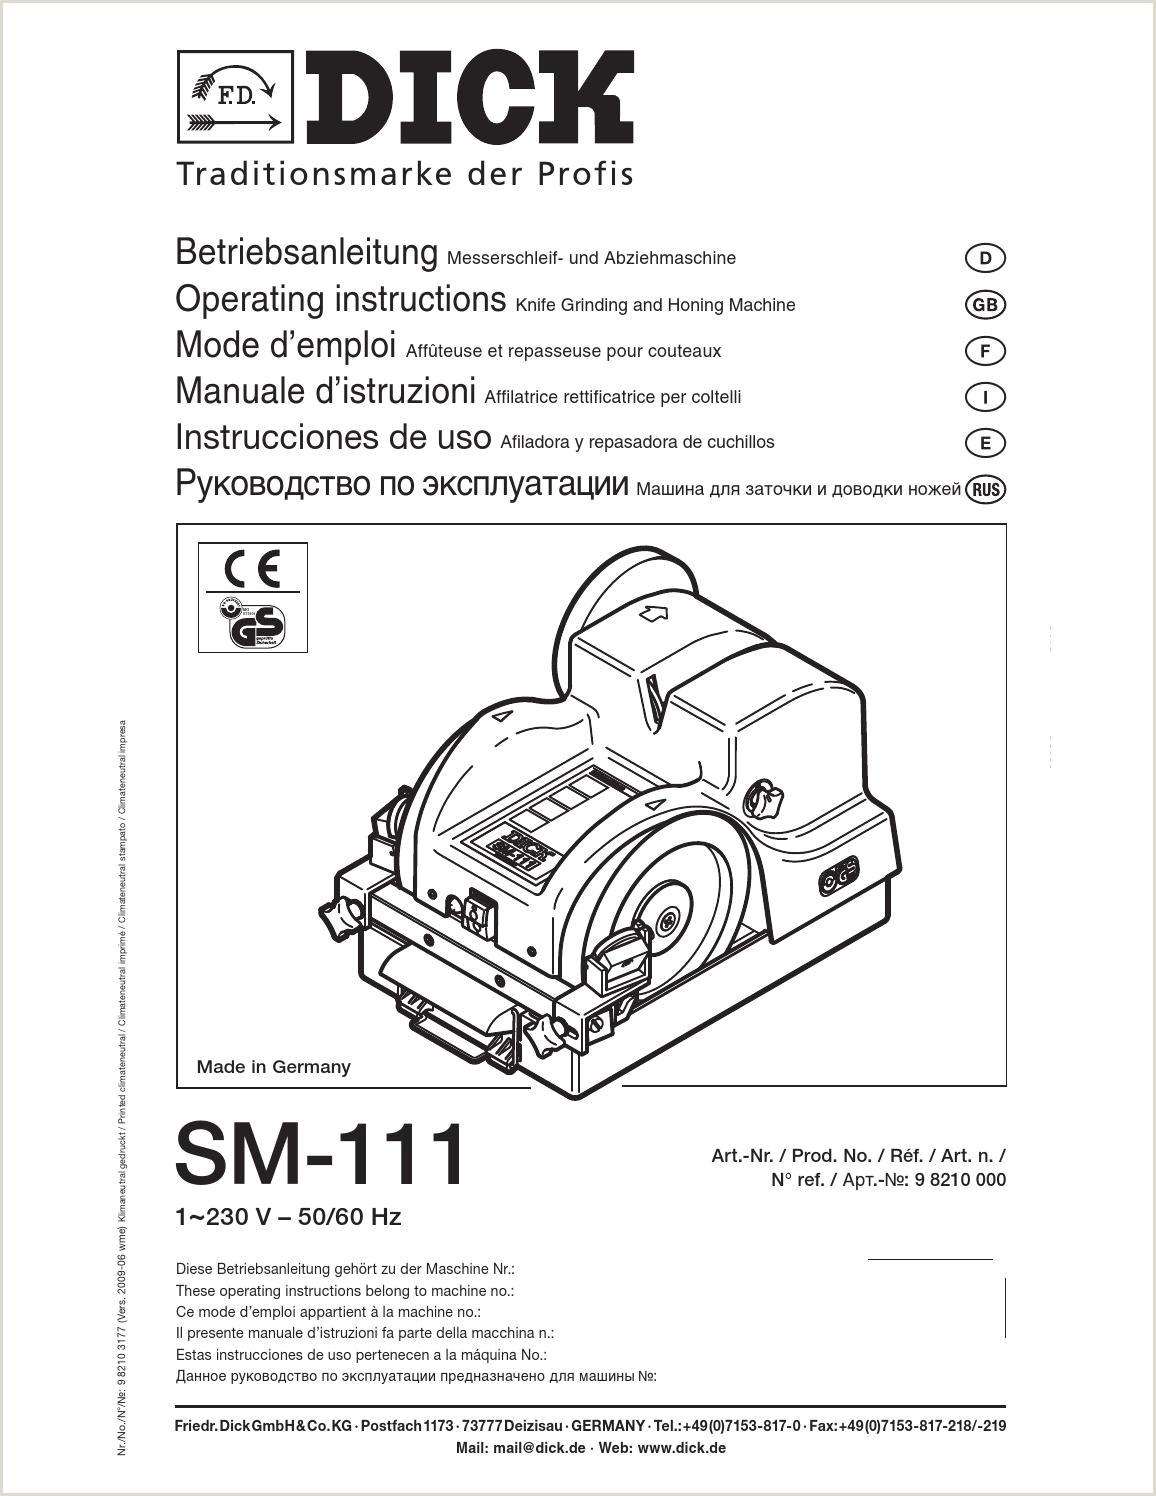 Como Hacer Una Hoja De Vida Para Gerente Manual Afiladora Sm 111 Dick by Food Technology Sa issuu